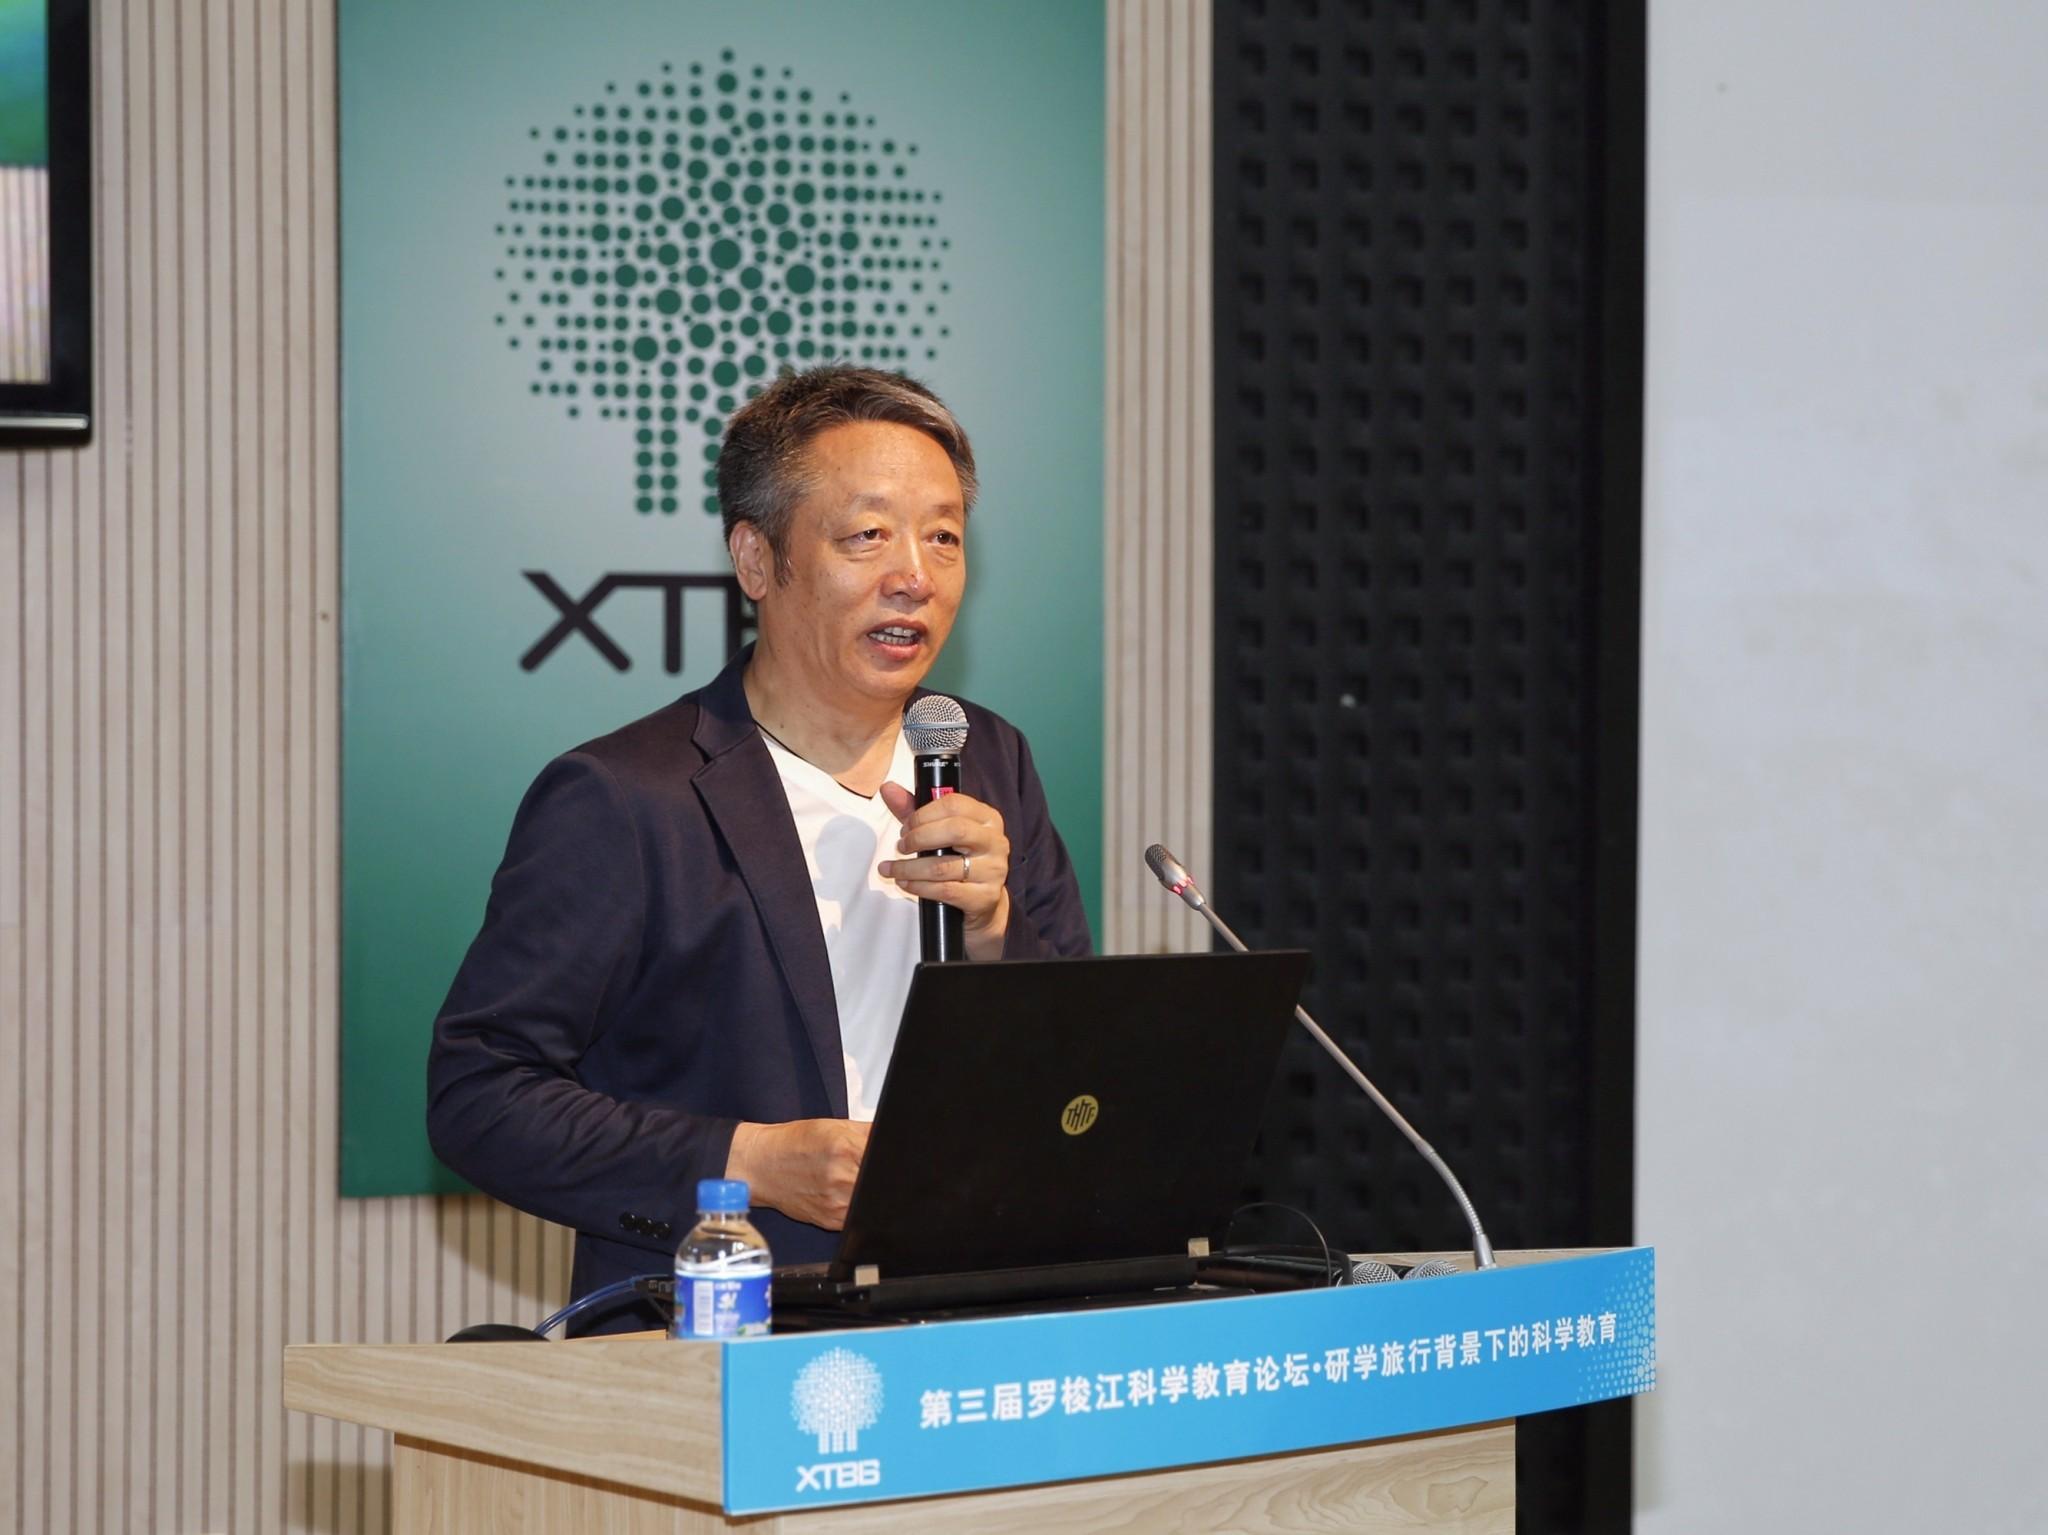 【大会报告】中国纪录片导演 李成才:科学与启蒙